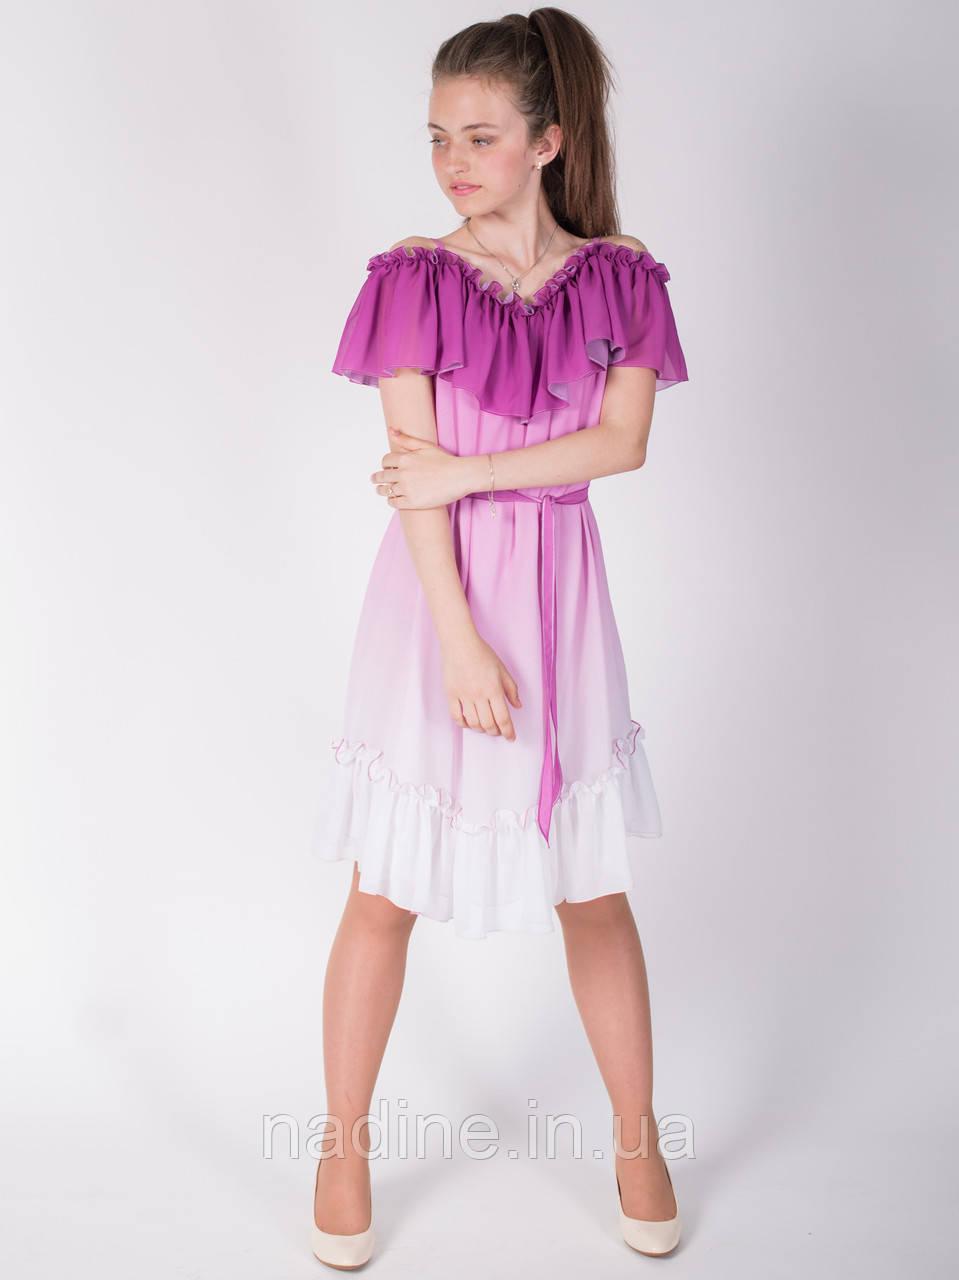 Шифоновое платье омбре Chic Crocus Eirena  Nadine (117-58)  на рост 158 цвет Лиловый